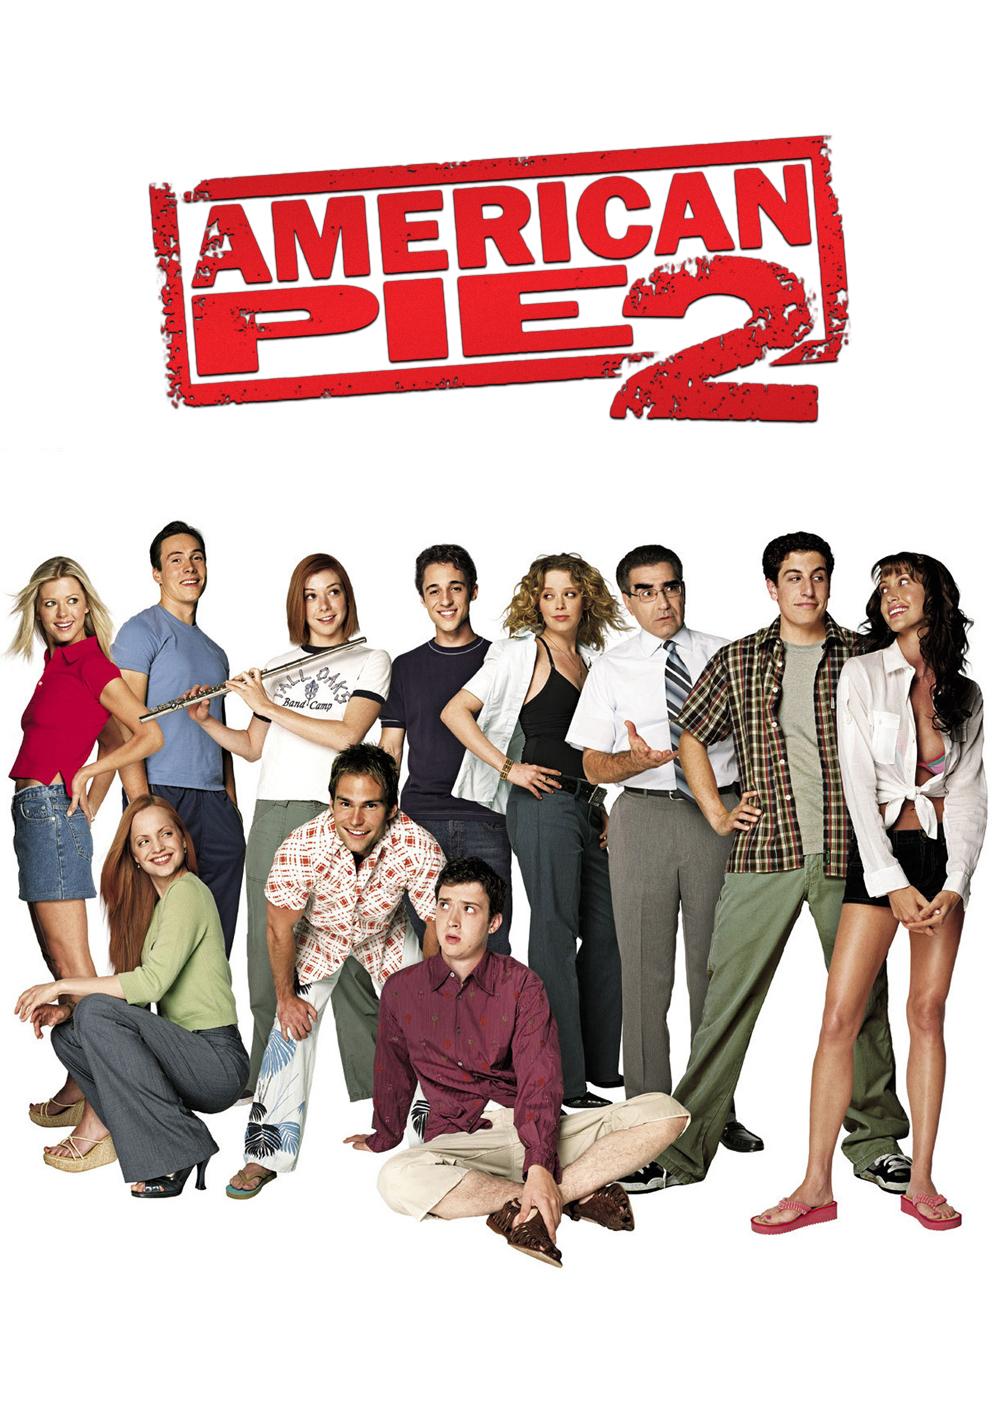 American Pie 2 | Movie fanart | fanart.tv American Pie